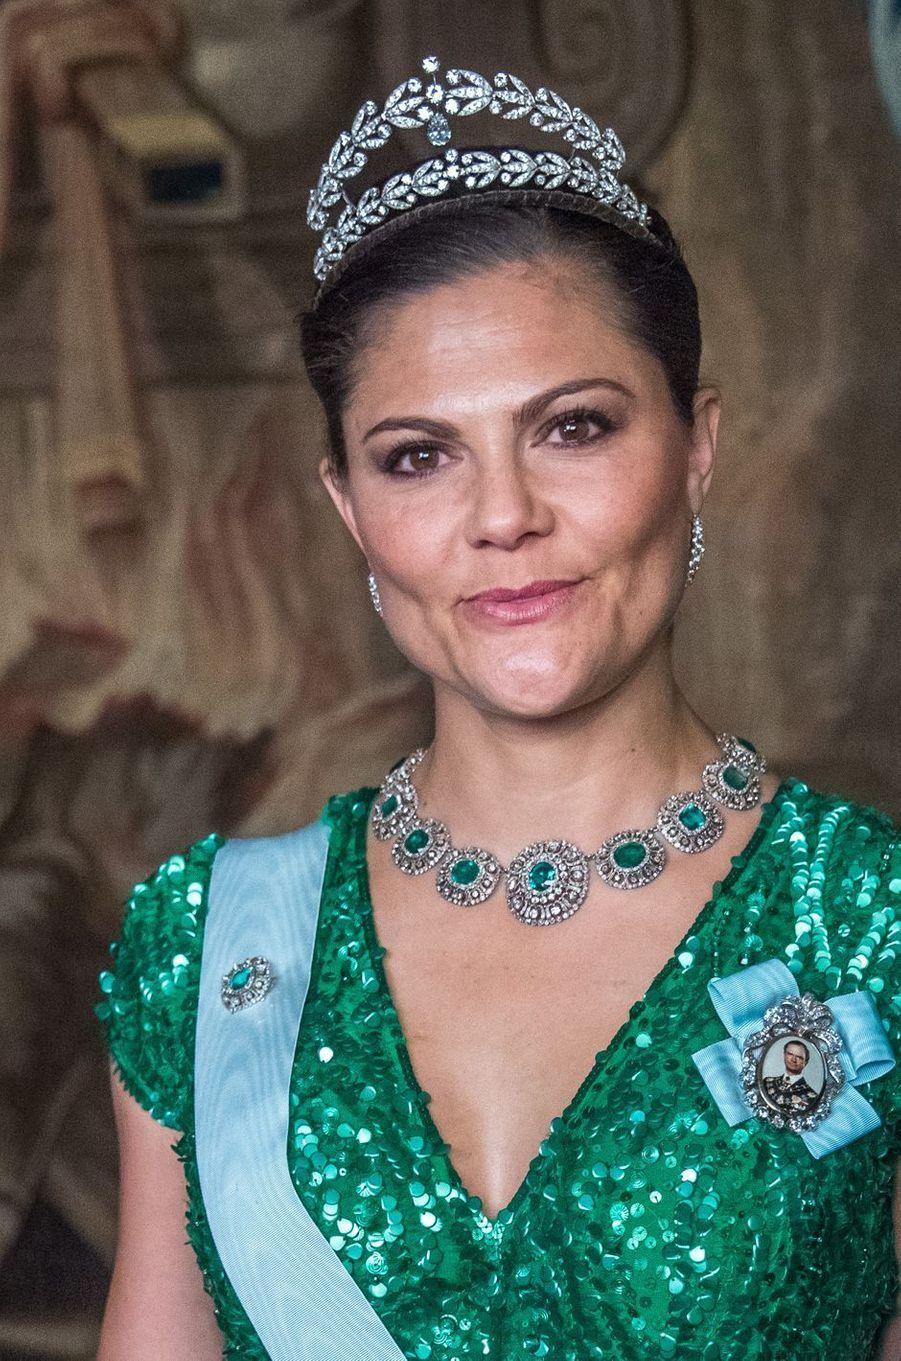 La princesse Victoria de Suède au Palais royal à Stockholm, le 23 mars 2017